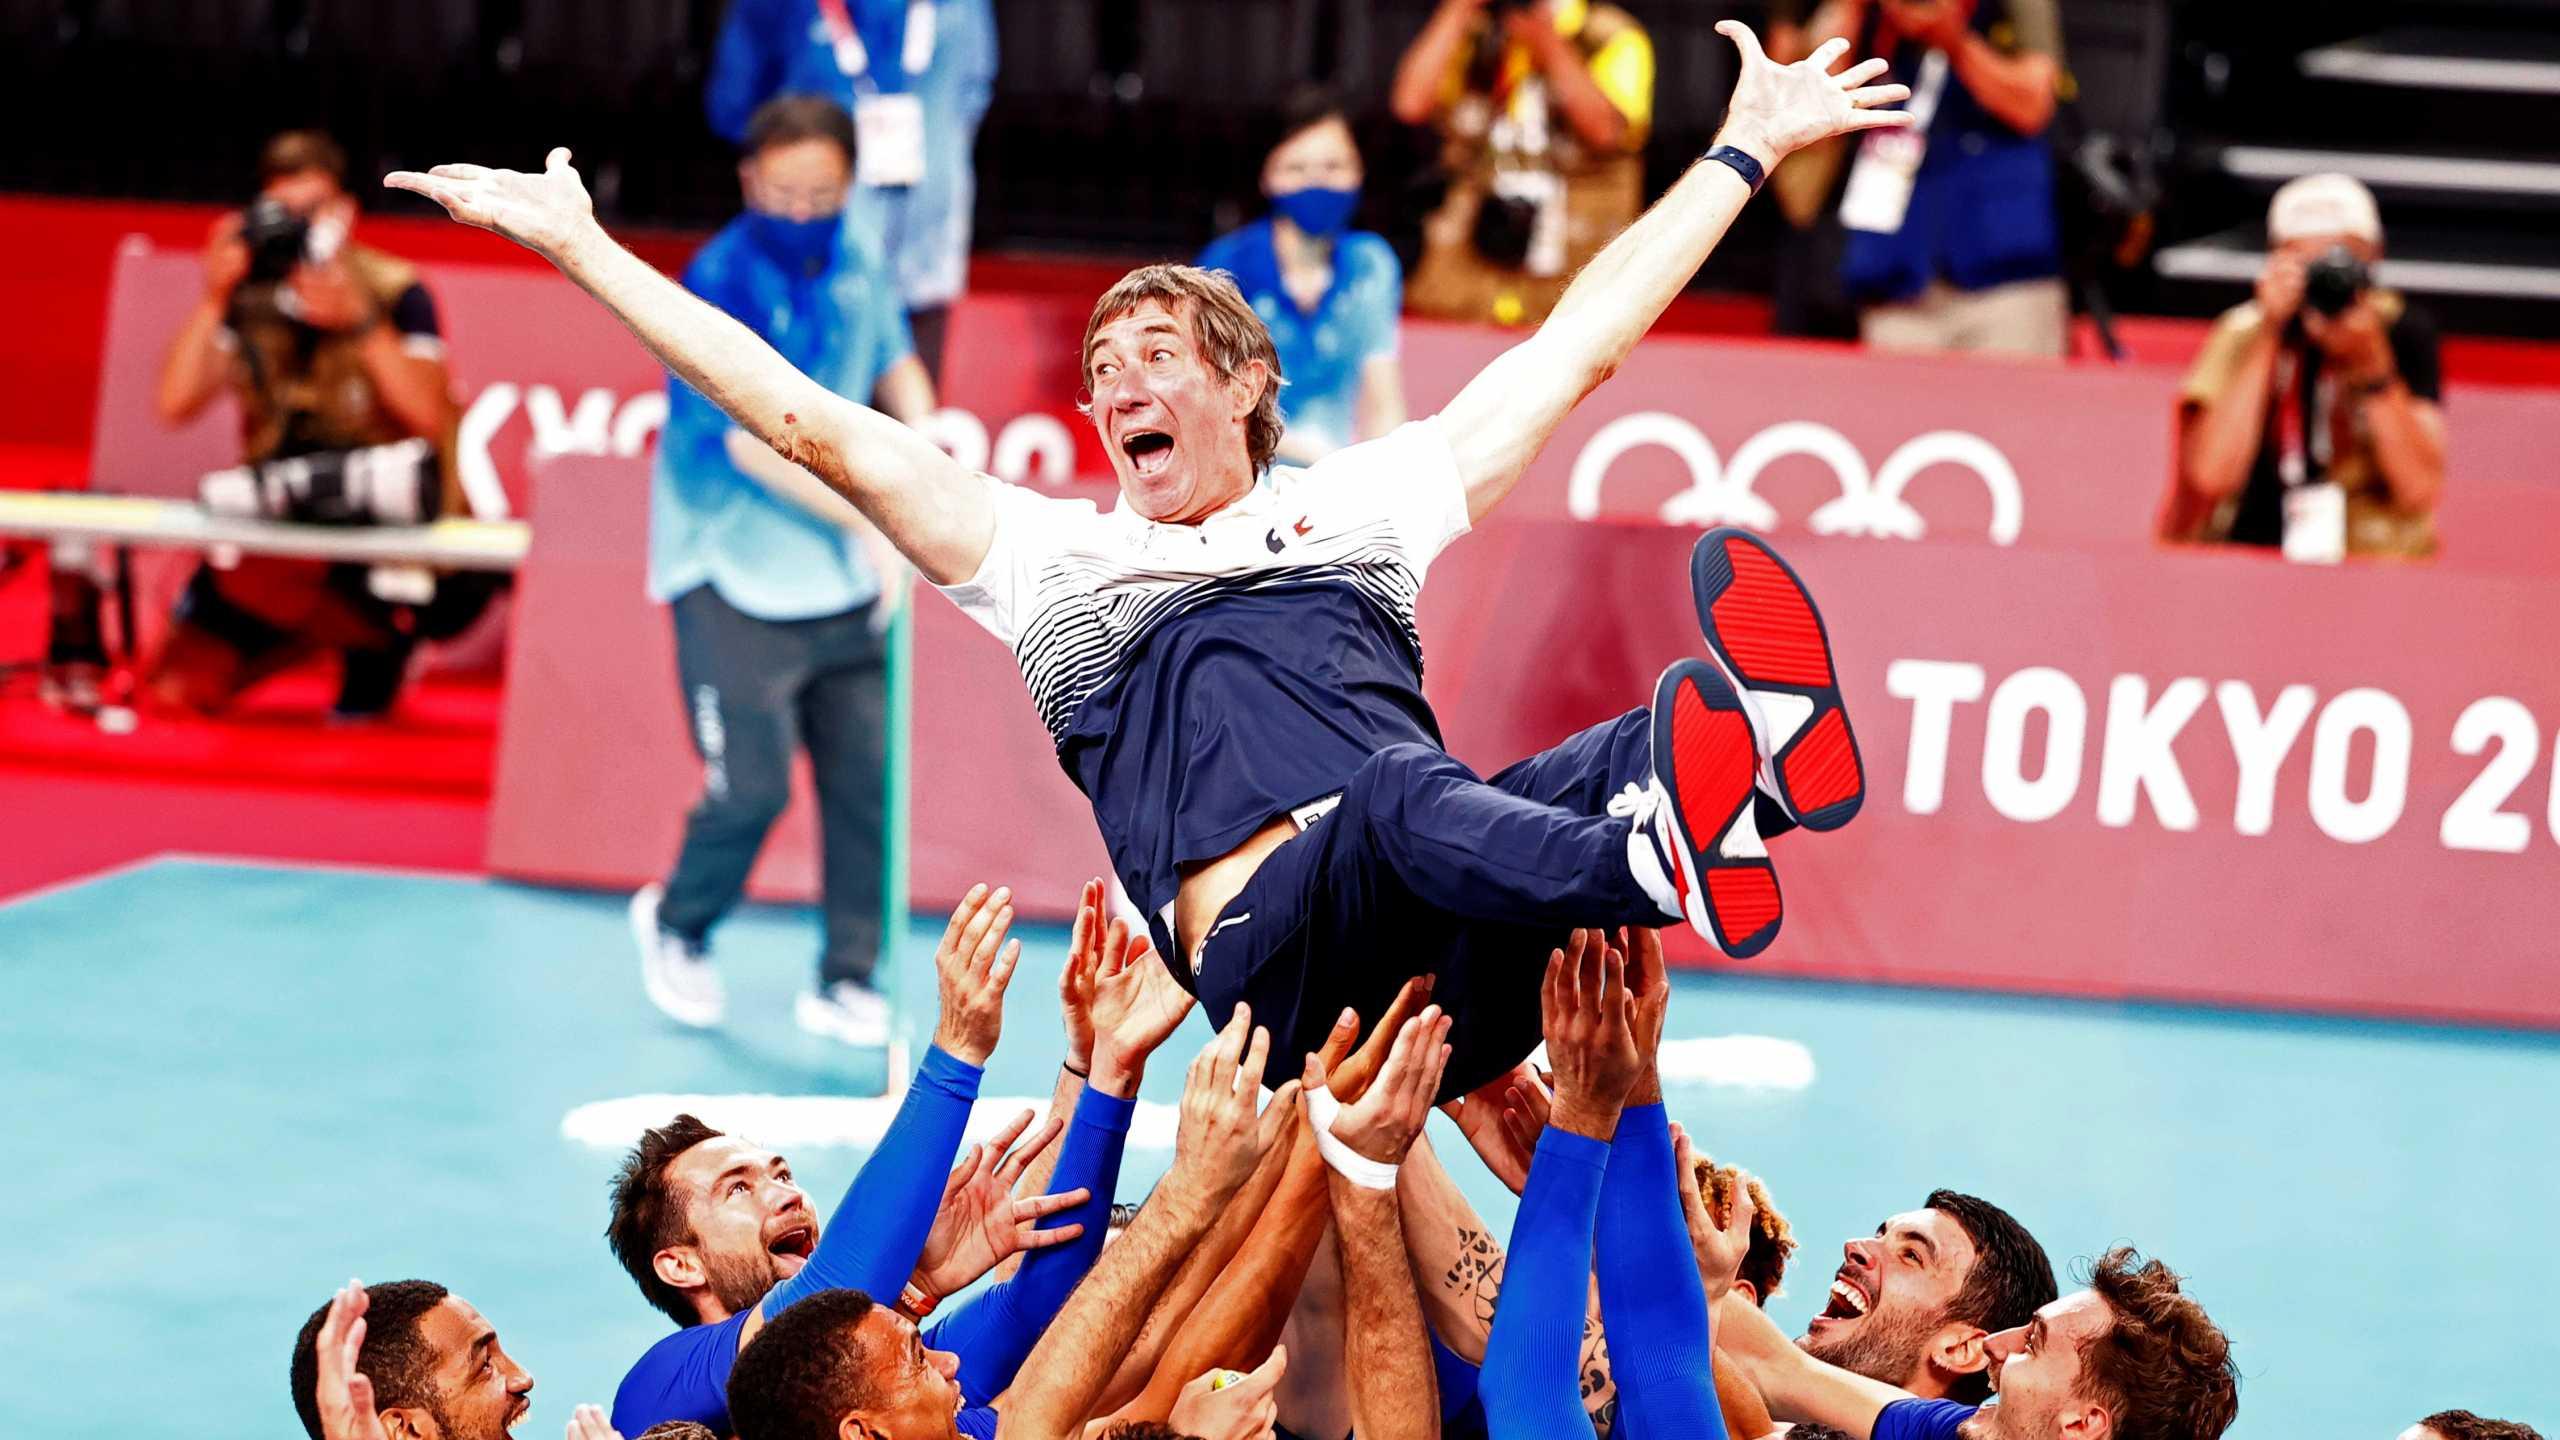 Ολυμπιακοί Αγώνες: Συναρπαστικός τελικός στο βόλεϊ ανδρών και «χρυσή» Γαλλία